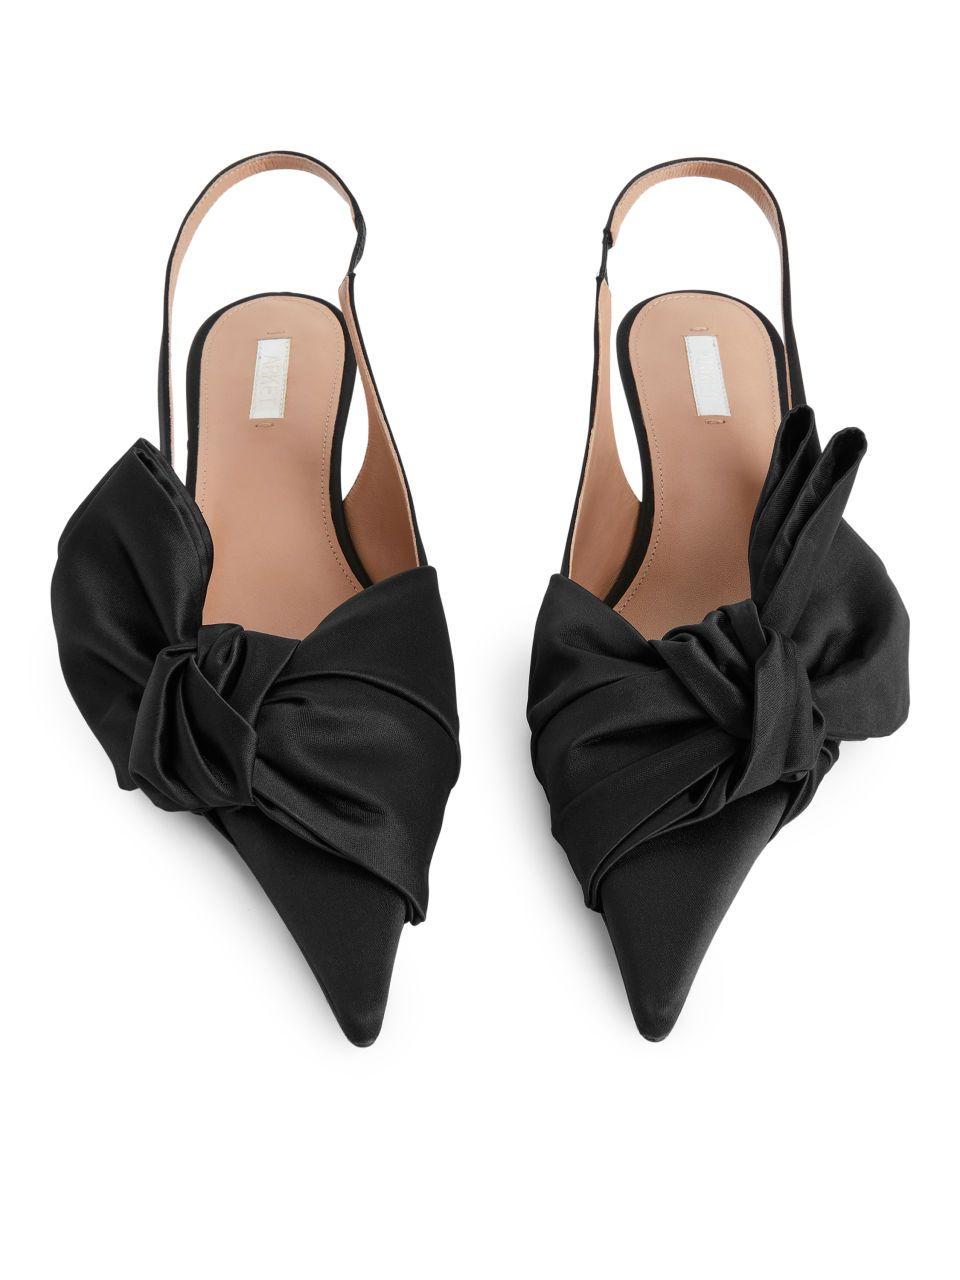 Slingback Kitten Heel Pumps Black Shoes Arket Ww In 2020